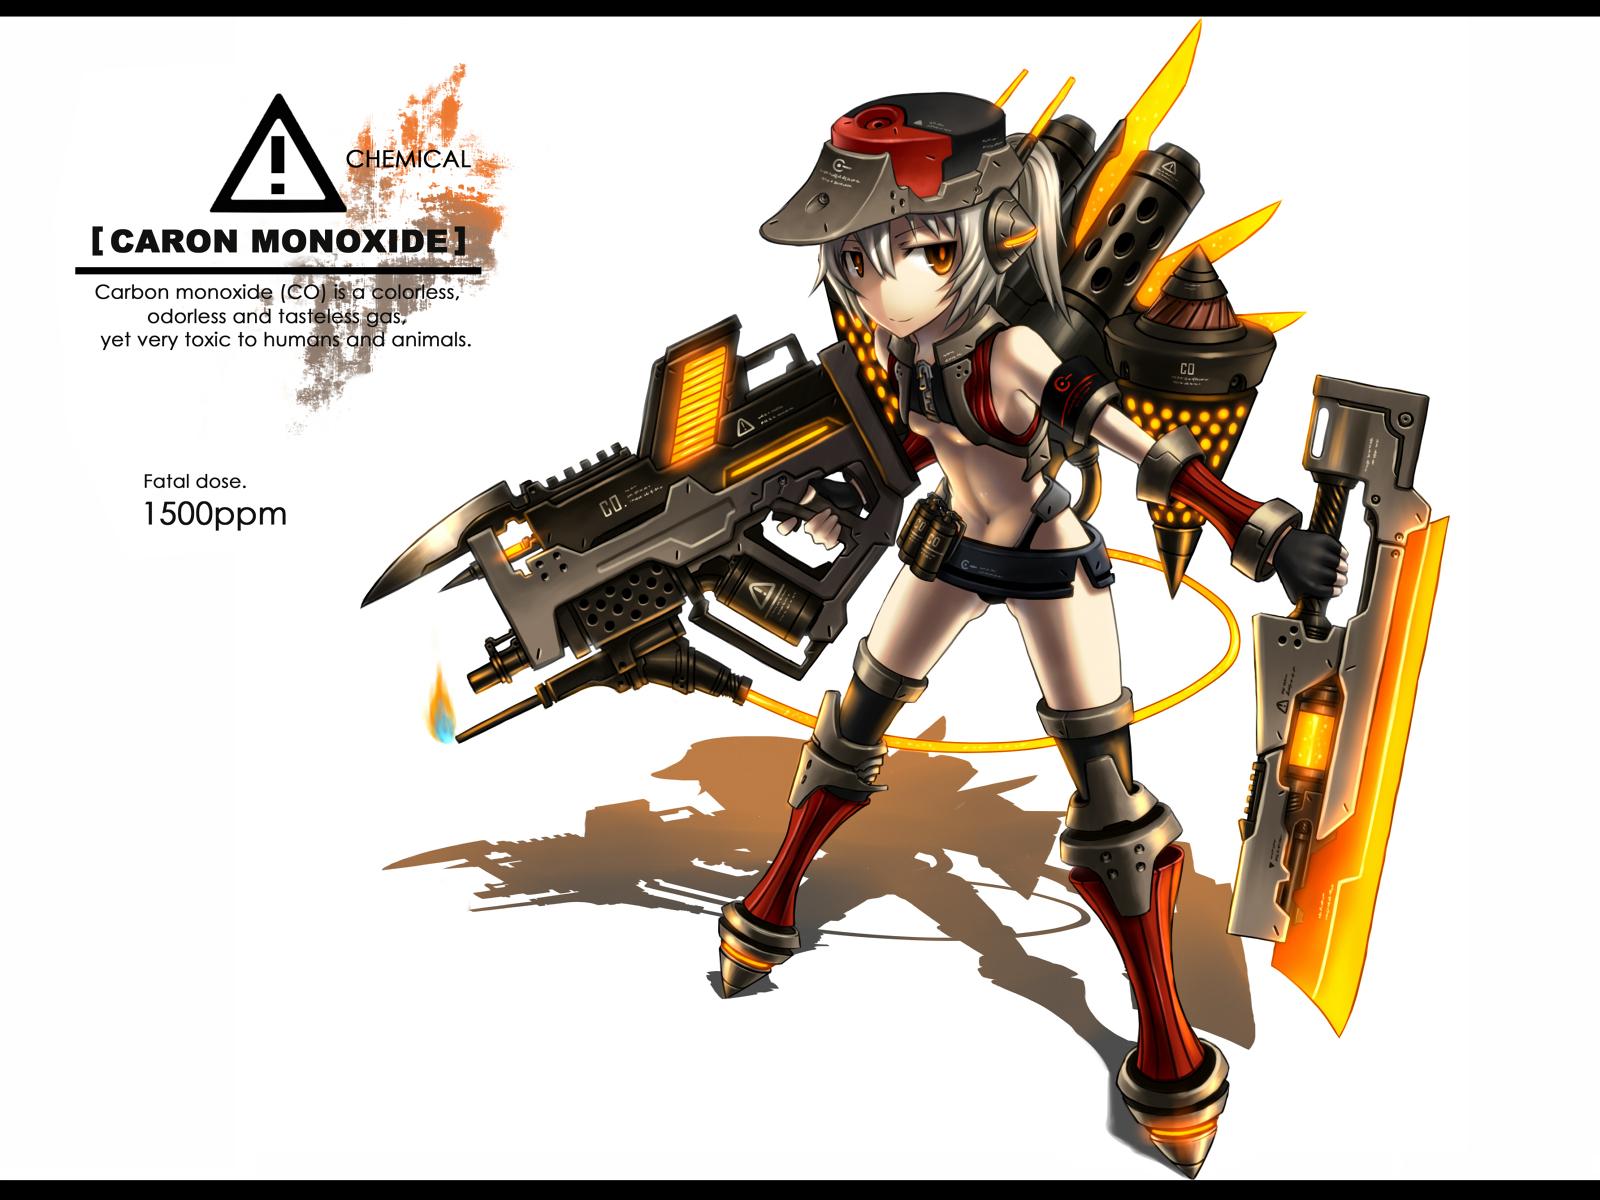 anthropomorphism gia gun hat orange_eyes original ponytail short_hair sword tail weapon white white_hair wings yellow_eyes